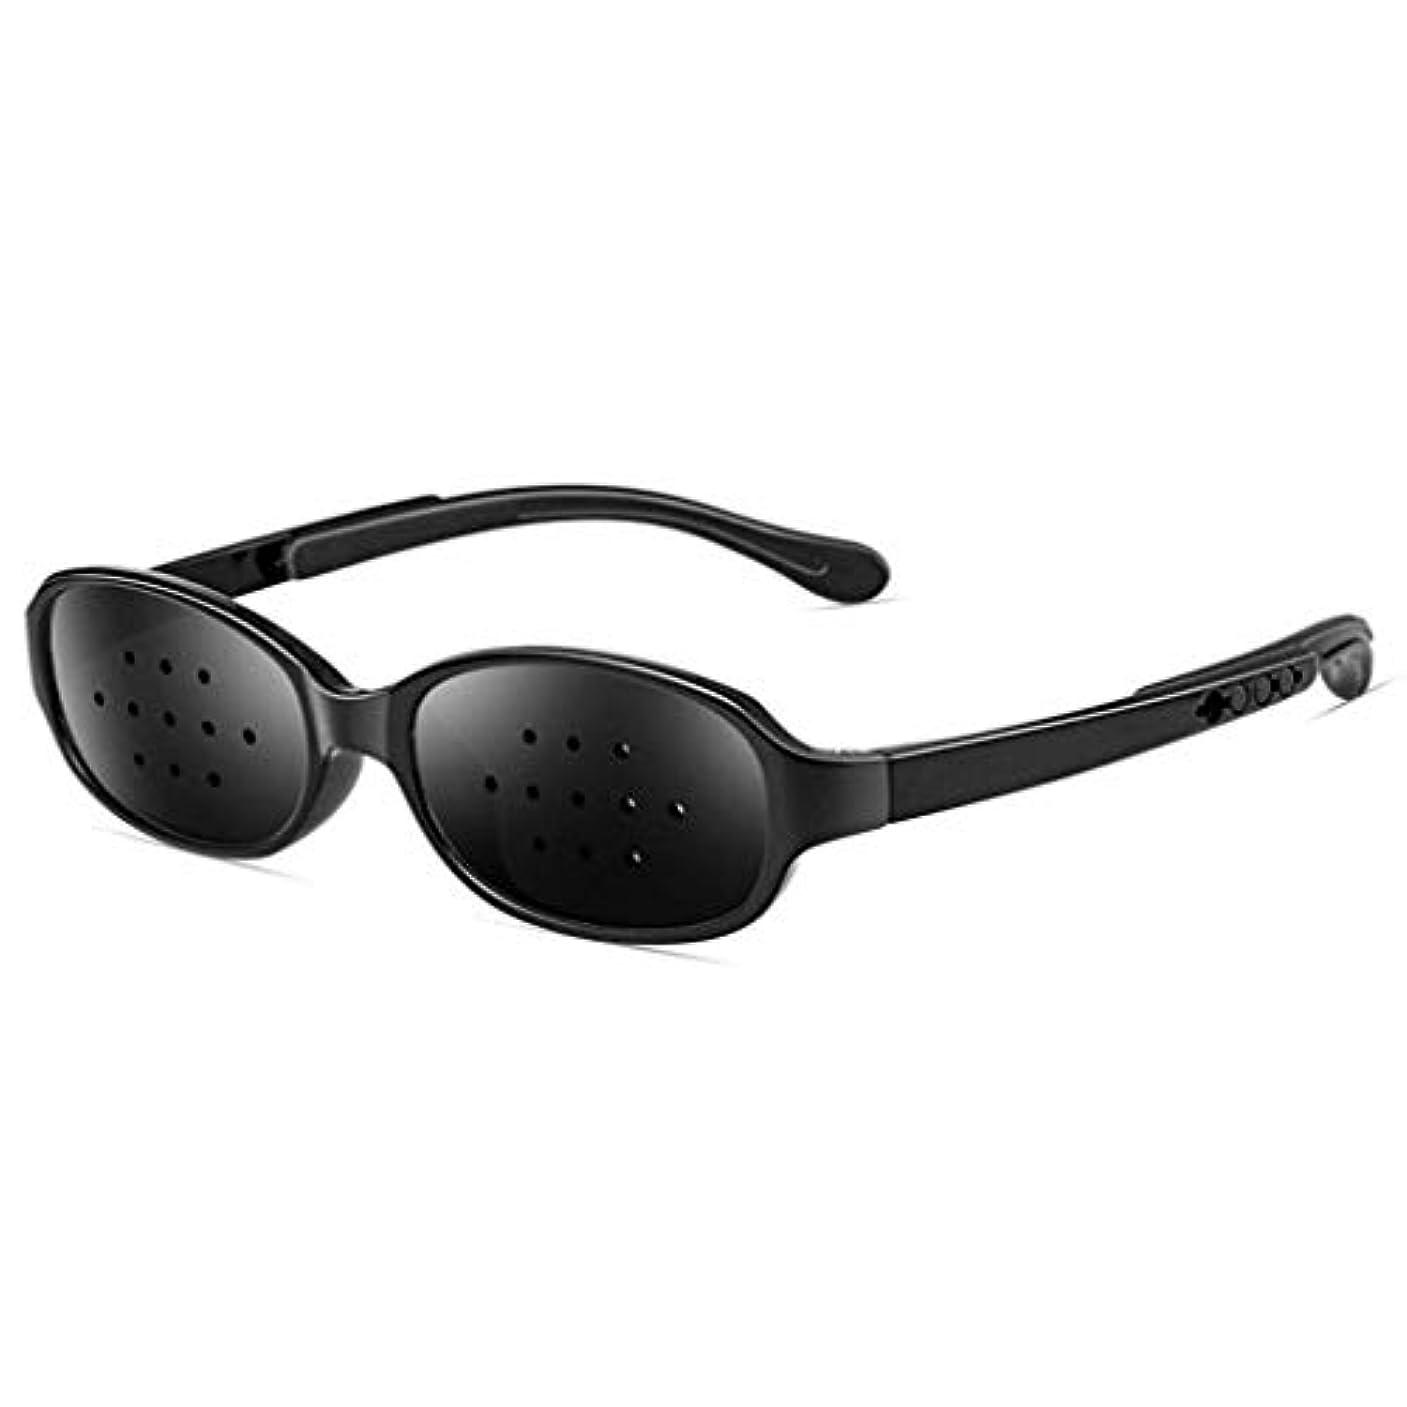 ギャップ予測子アクセントピンホールメガネ、視力矯正メガネ網状視力保護メガネ耐疲労性メガネ近視の防止メガネの改善 (Color : 黒)